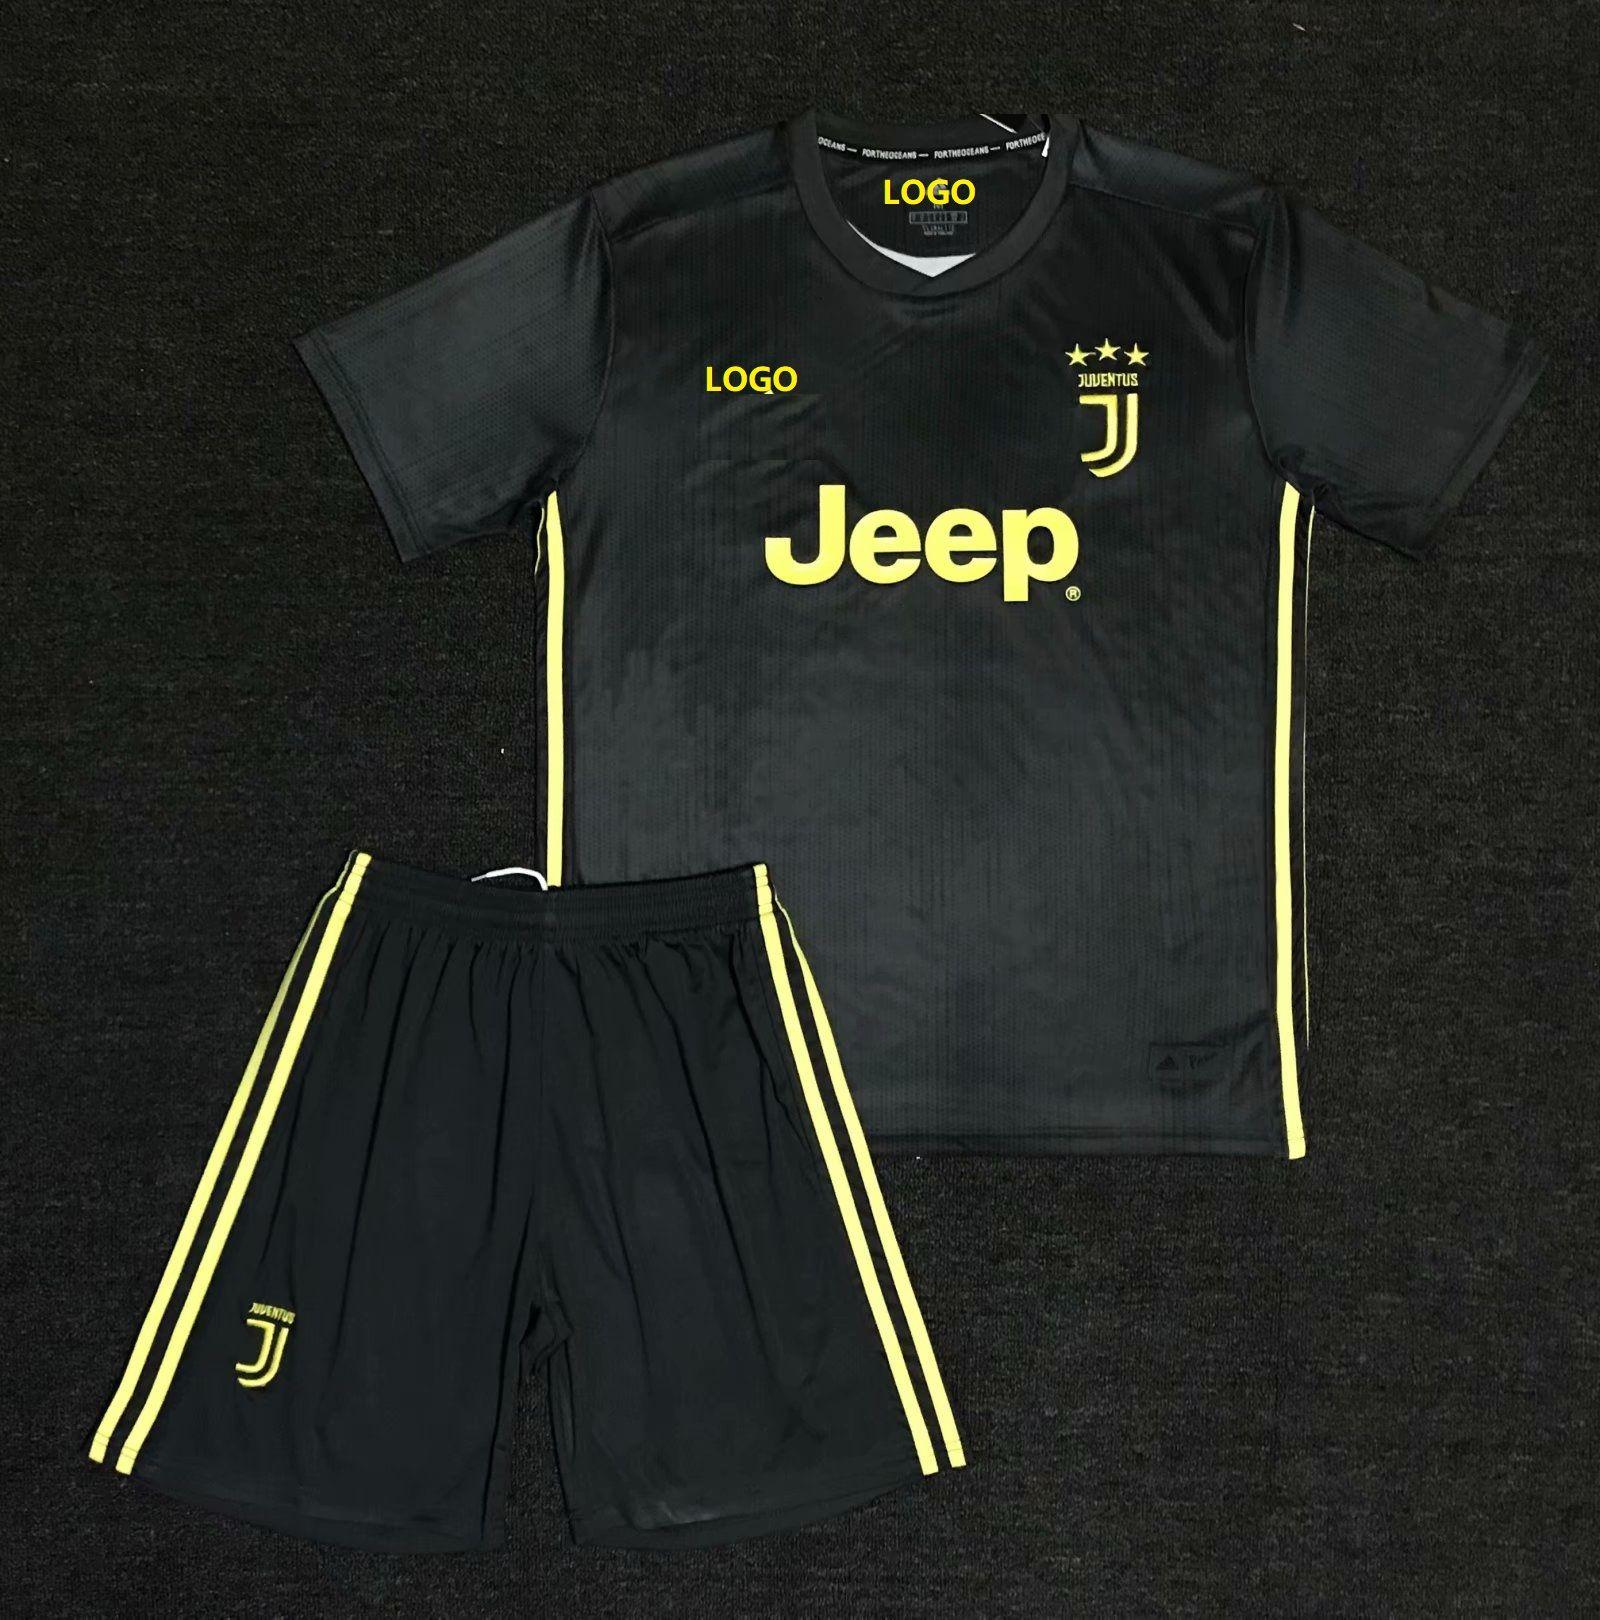 7adbaec6f30e 2018 19 AAA Men Juventus Away Soccer Uniform Adult Football Kits Customize  Name Number